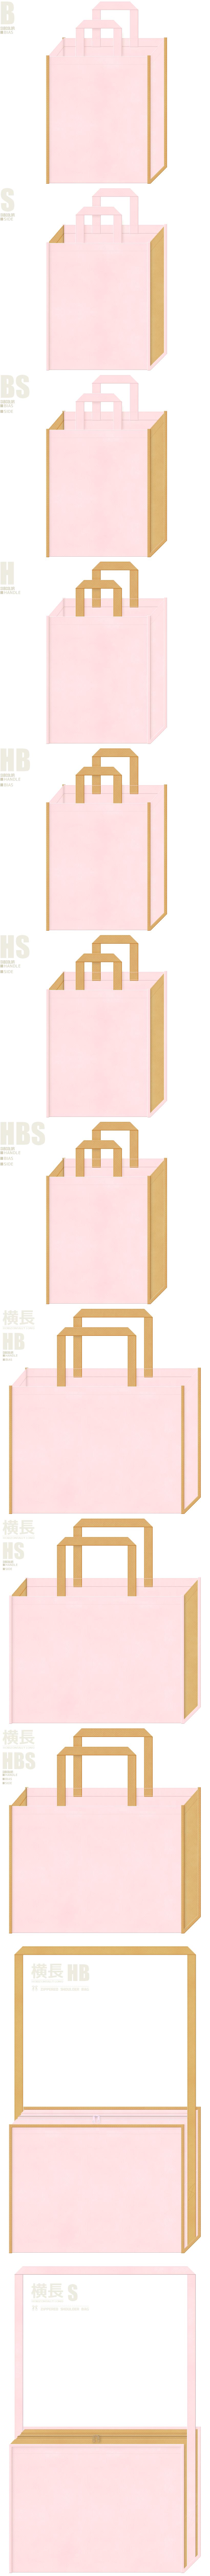 ガーリー・ポニー・小鹿・子犬・ぬいぐるみのイメージにお奨めの不織布バッグデザイン:桜色と薄黄土色の配色7パターン。